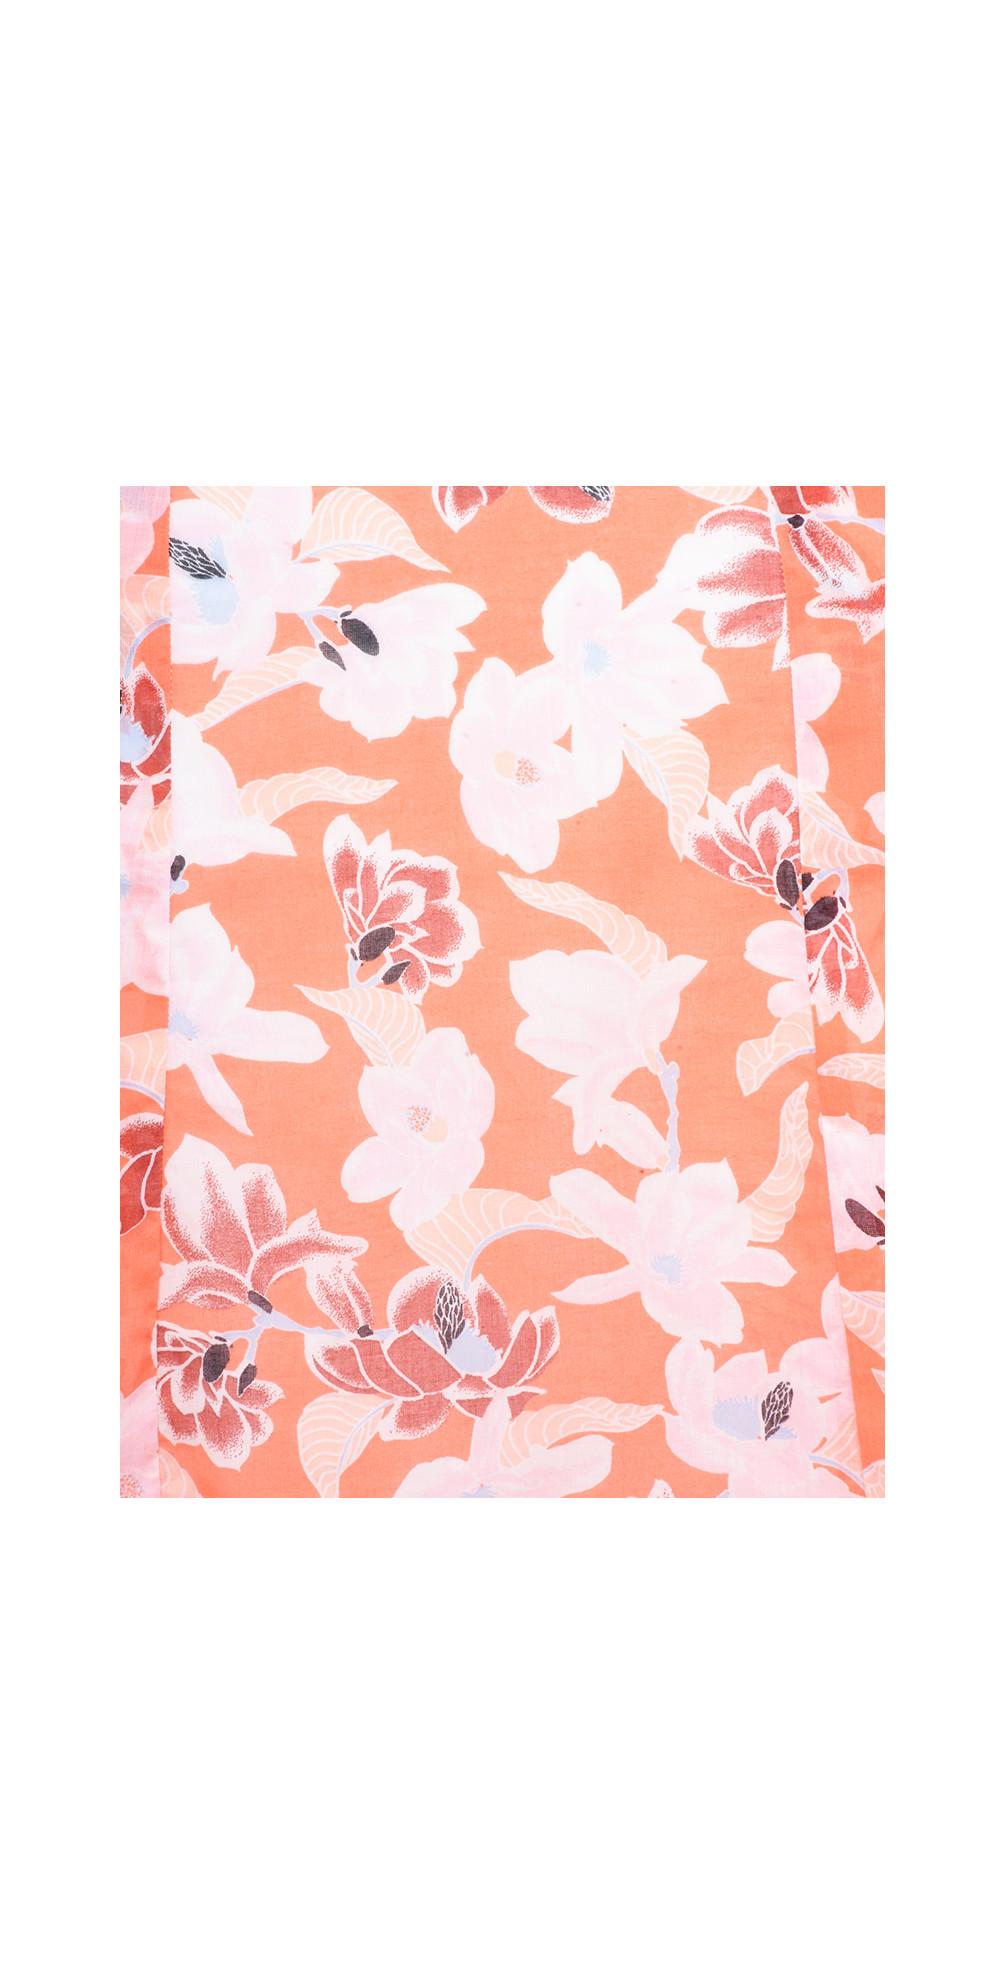 Tulum Floral Maxi Dress main image